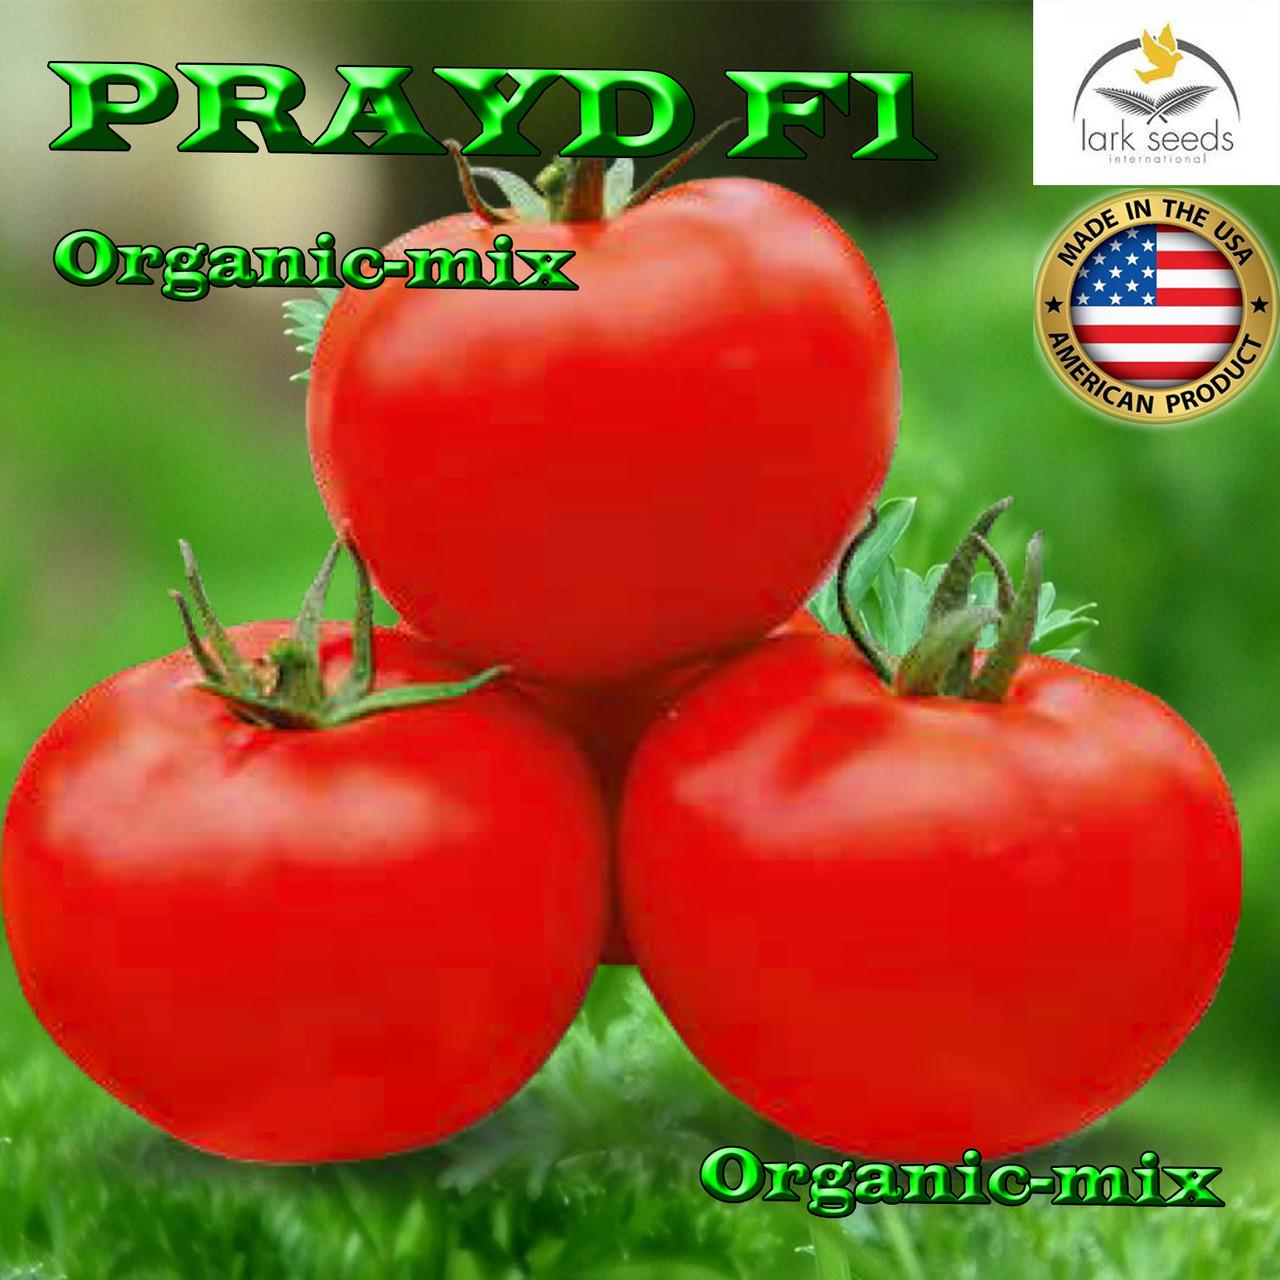 Томат ПРАЙД F1 / PRAYD F1, ТМ Lark Seeds, 250 семян